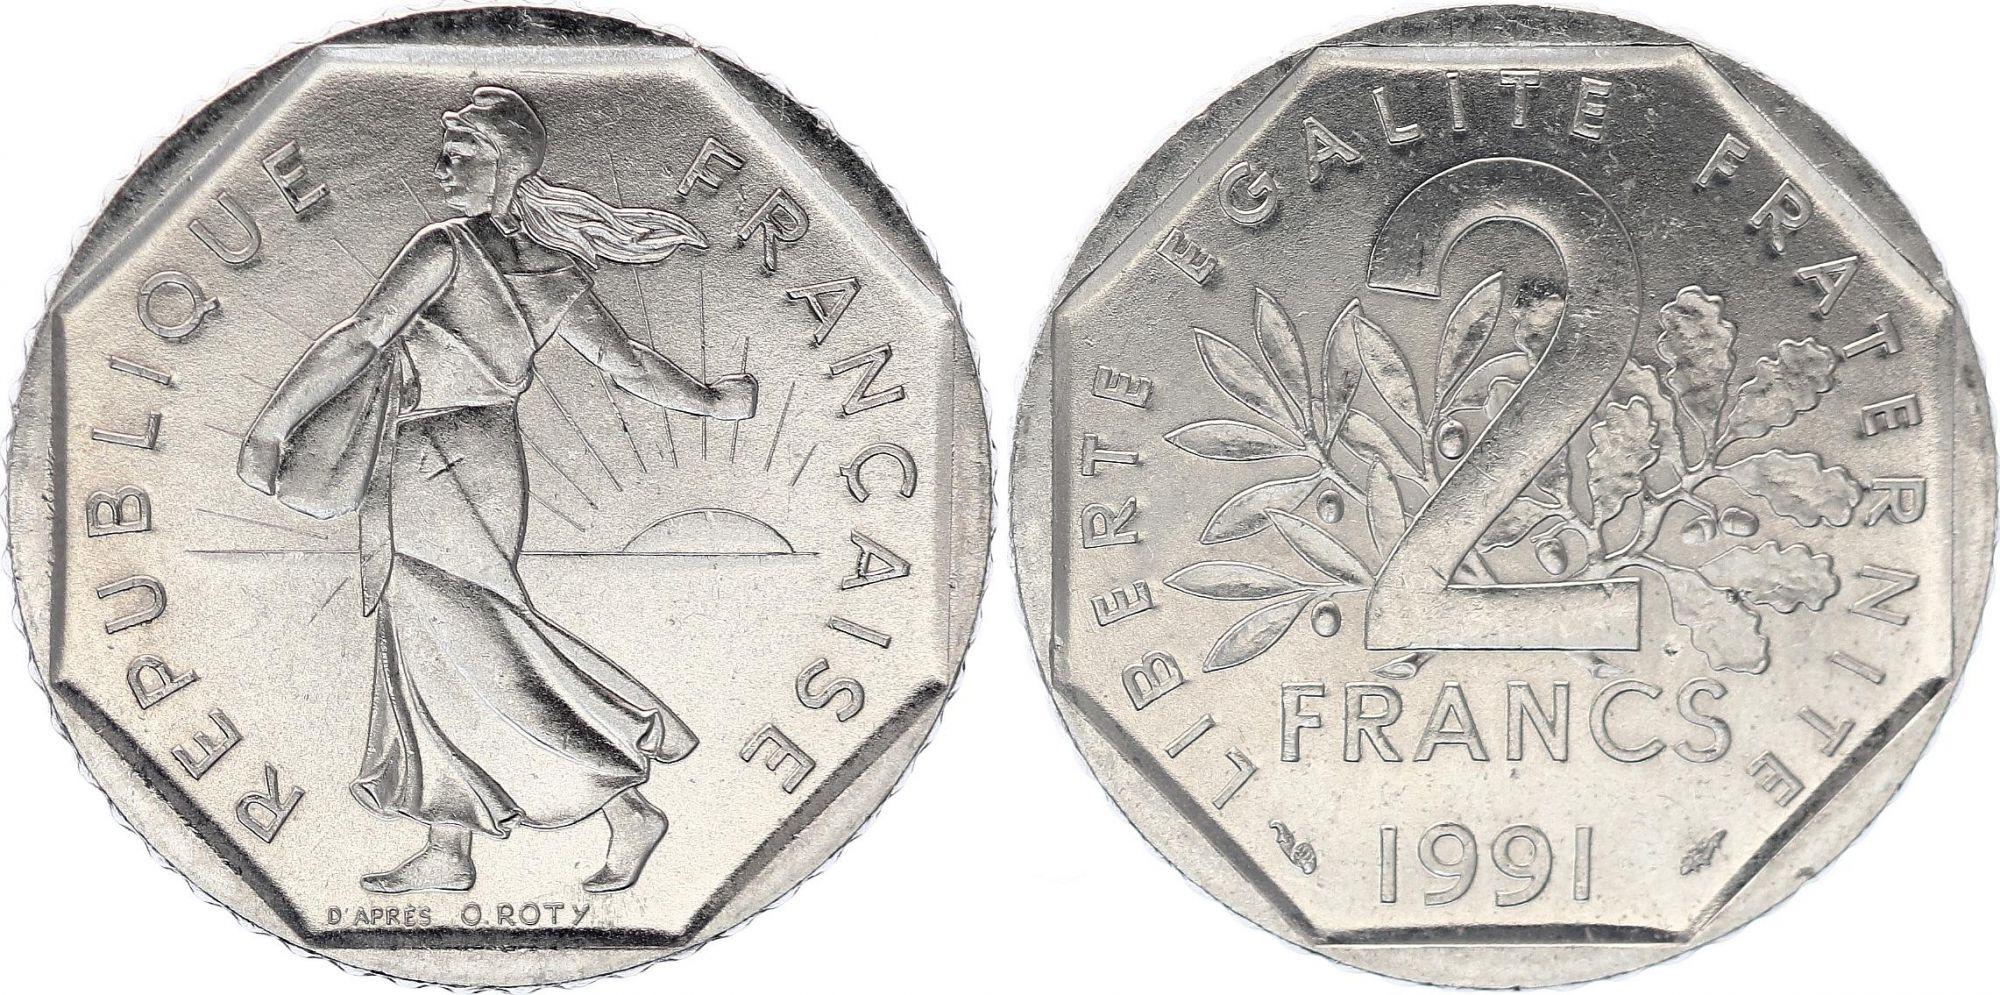 France 2 Francs Seed sower - 1991